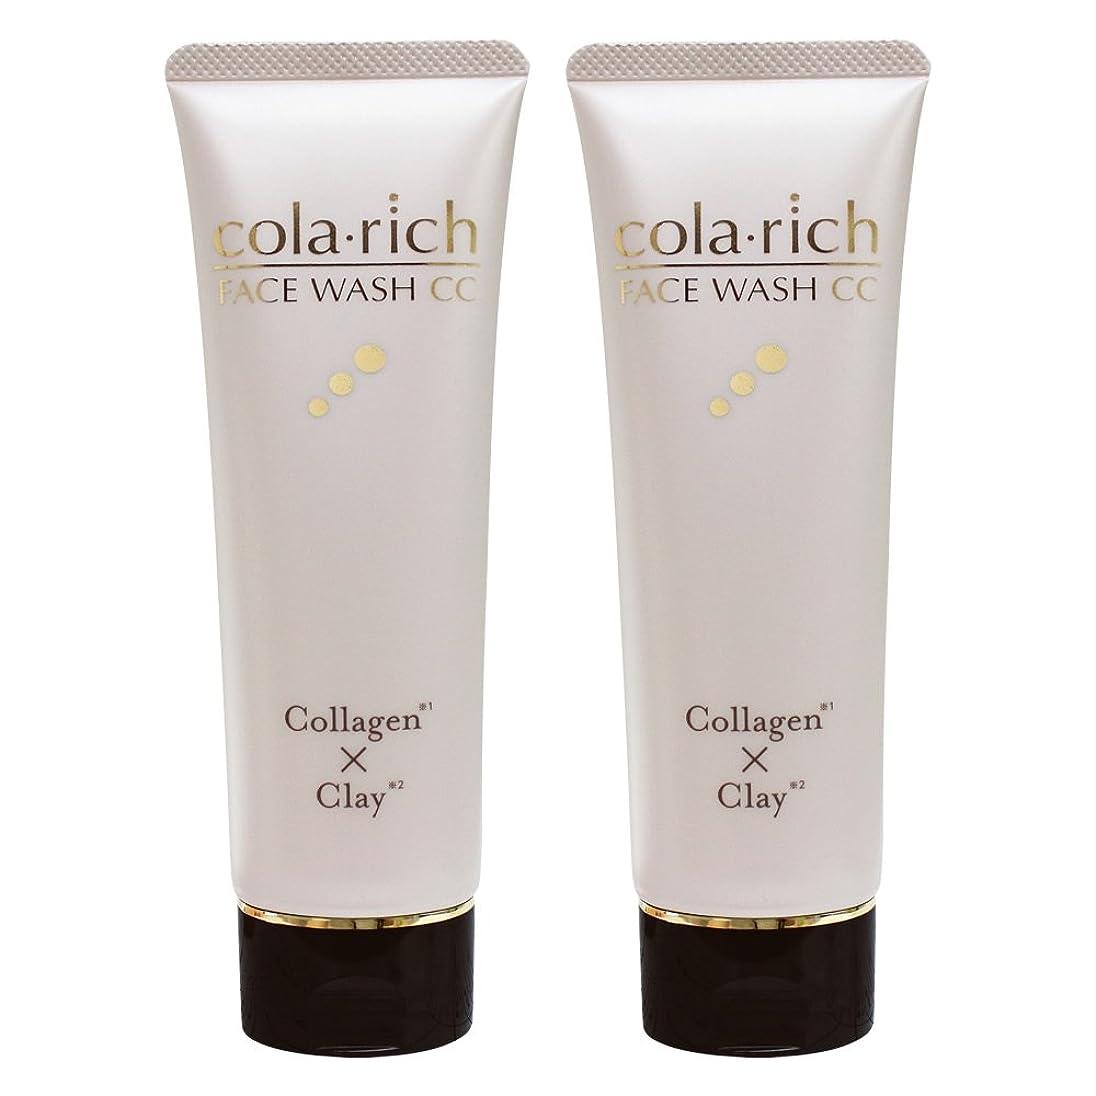 公月面盆コラリッチ コラーゲン配合美容液洗顔2本まとめ買い/フェイスウォッシュCC(1本120g 約1カ月分)キューサイ